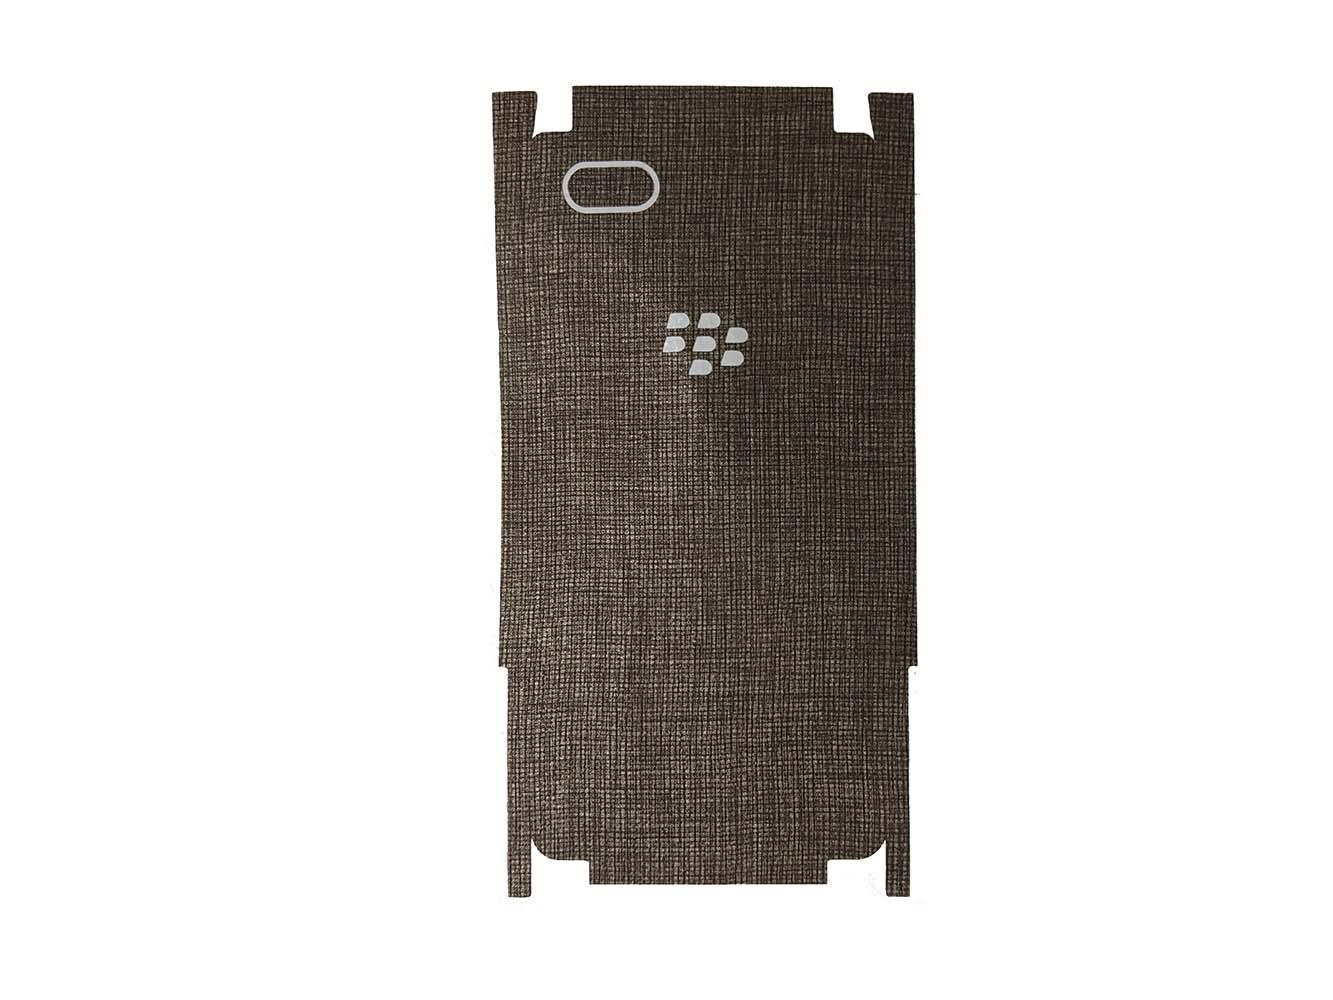 Miếng dán điện thoại Blackberry Key 2